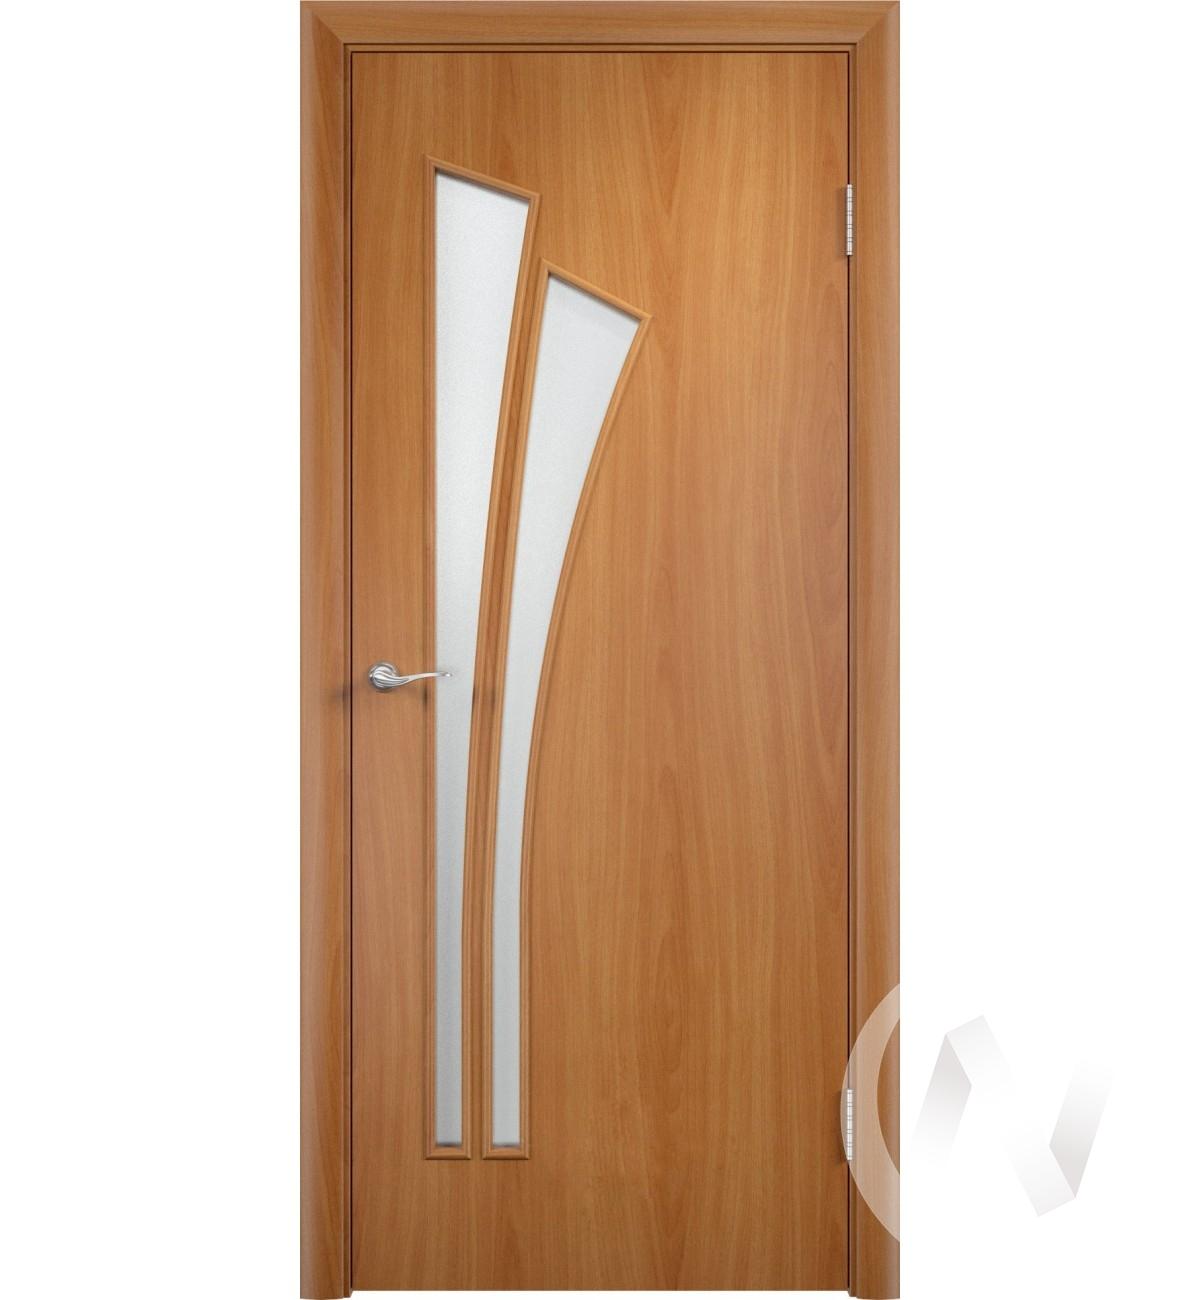 """Дверь ламинированная Тип """"Лагуна"""", 60, ост, миланский орех, стекло матовое"""